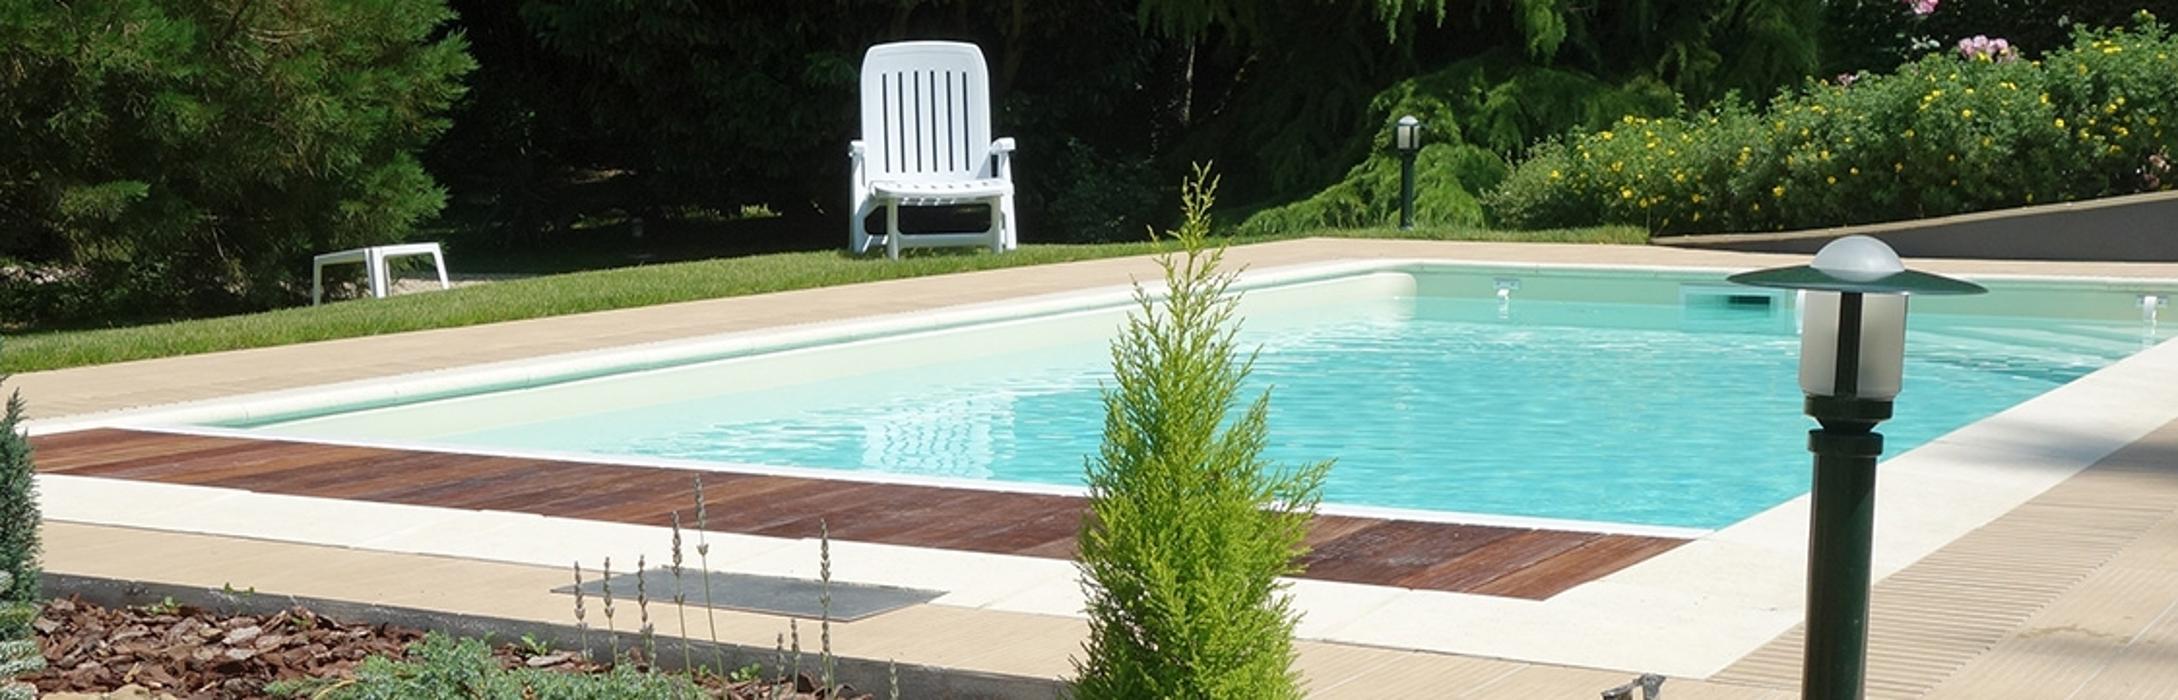 Loire Aménagement - Constructeur De Piscine En Béton concernant Dugain Piscine